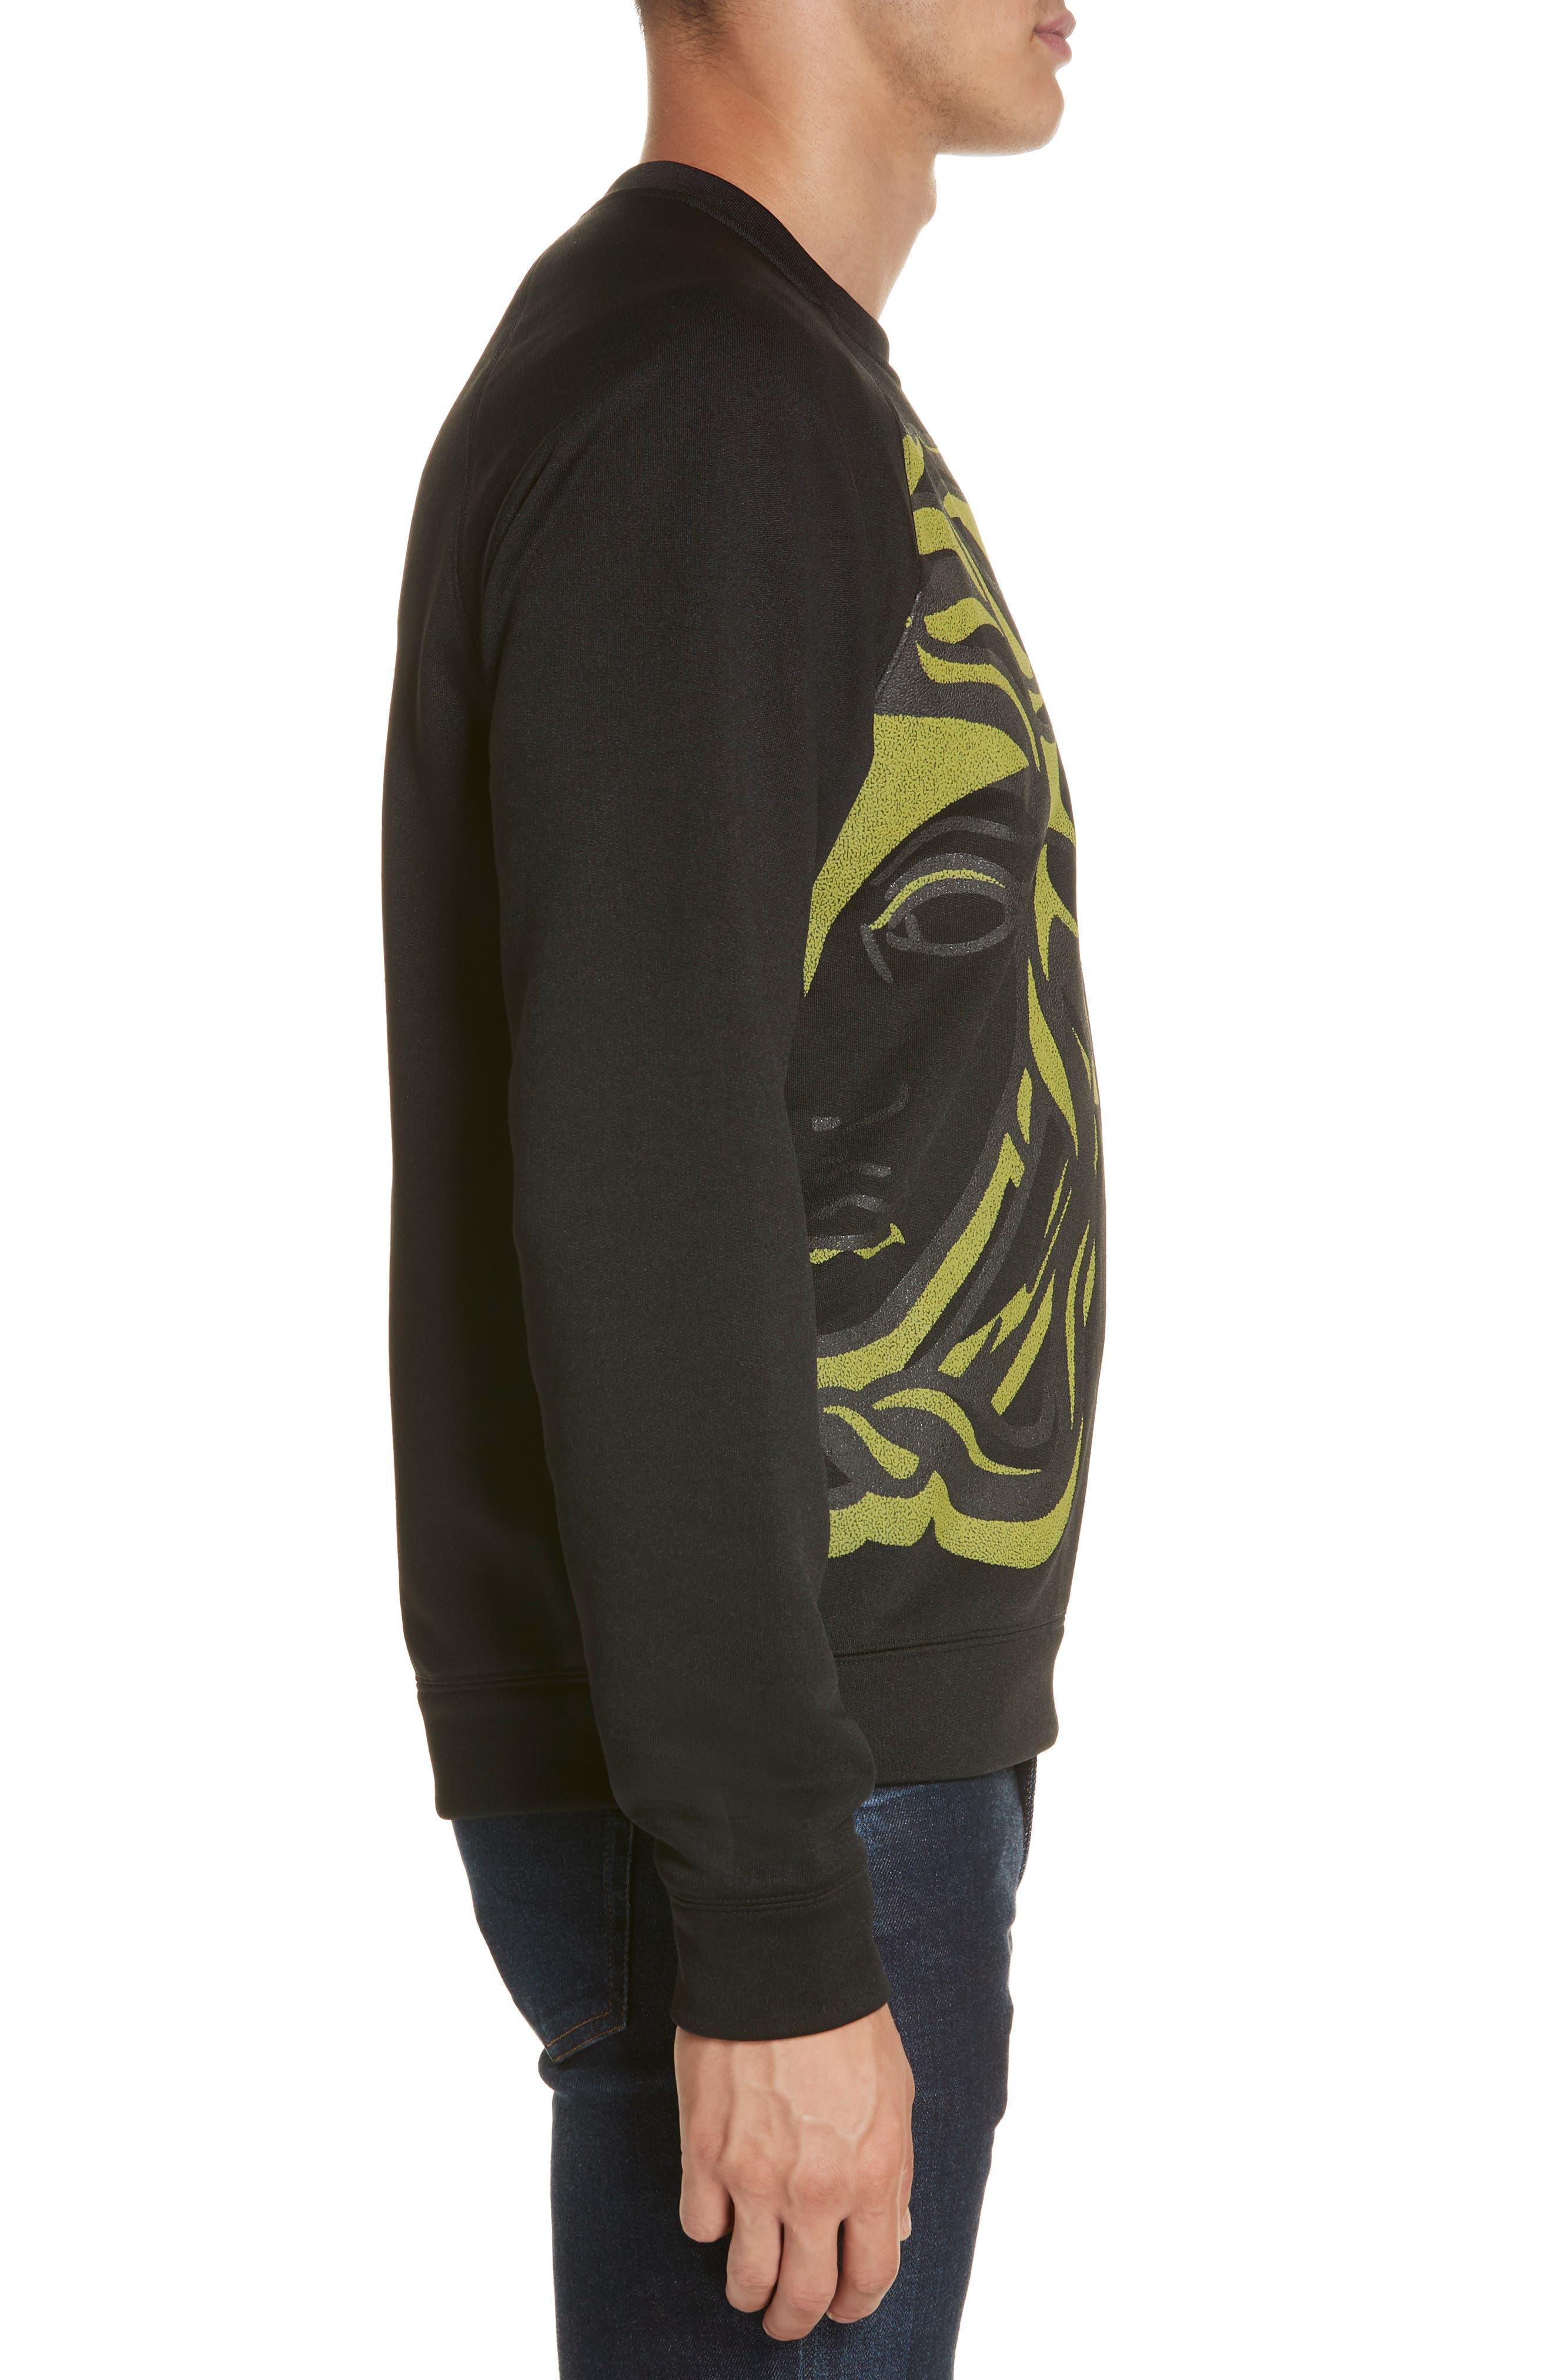 VERSACE COLLECTION, Medusa Print Sweatshirt, Alternate thumbnail 3, color, BLACK/ PAINT